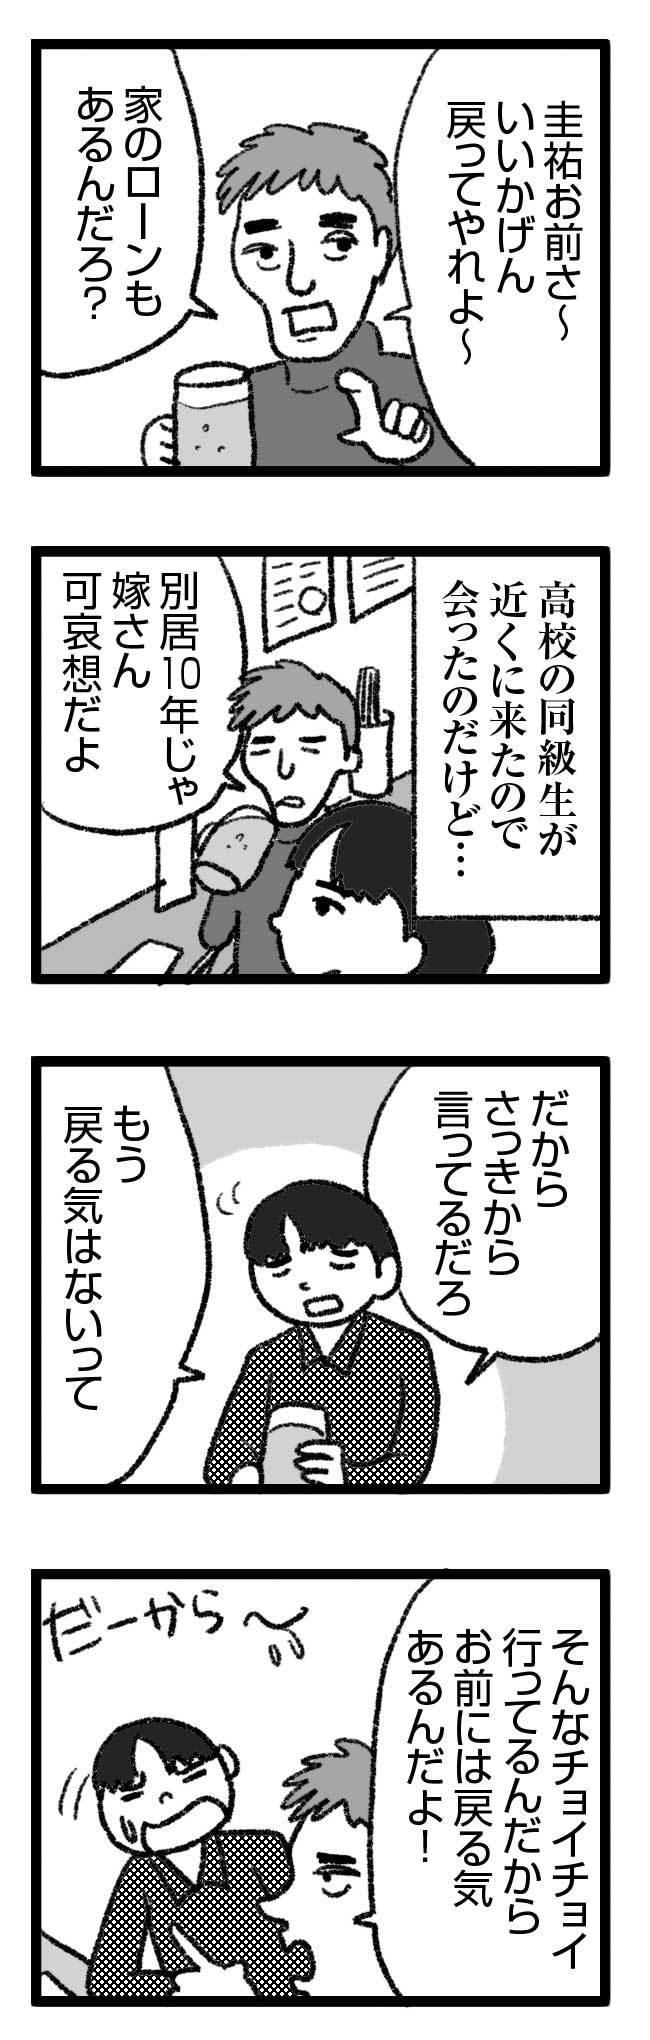 554 離婚ヨクナイ 1 結婚 離婚 別居 別居中 メンヘラ うつ 辛い 漫画 まんが マンガ